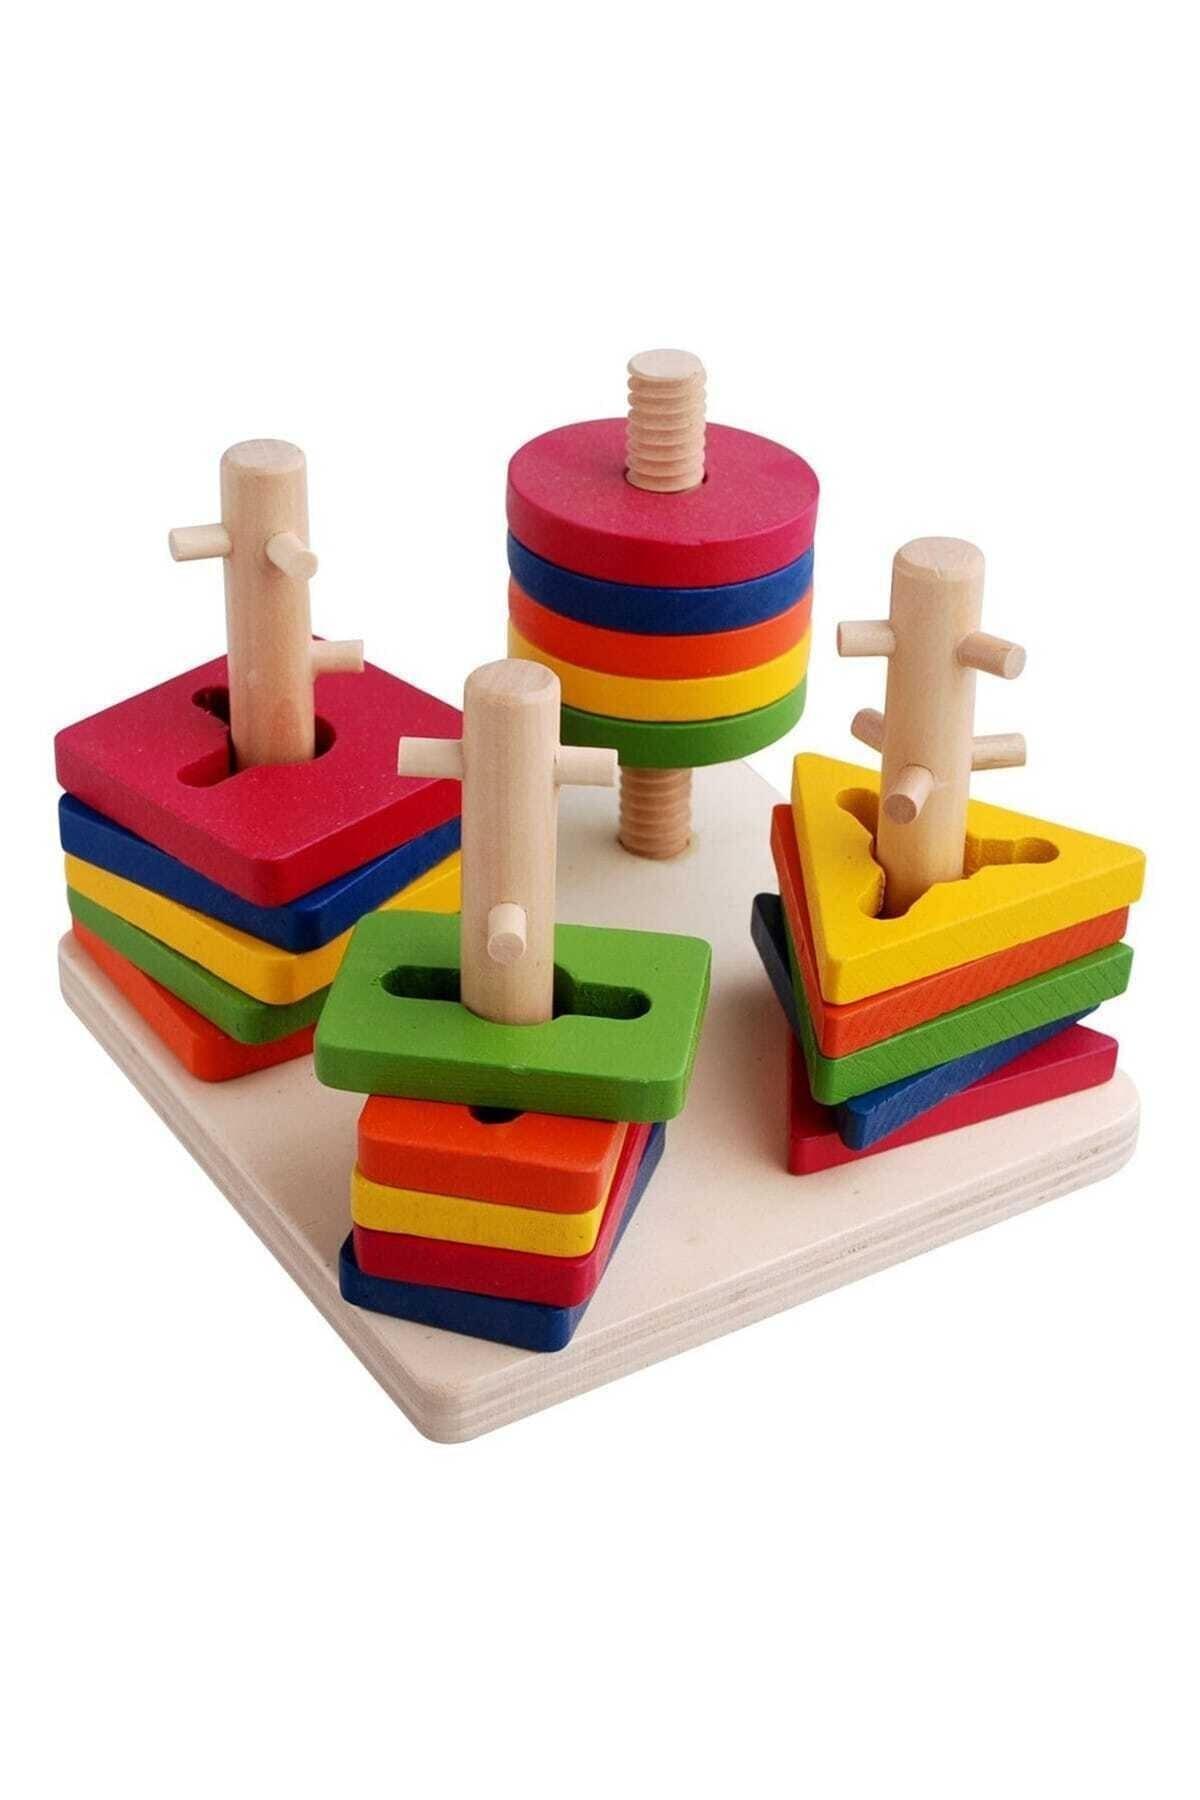 WoddyWood Eğitici Ahşap Oyuncak 4'lü Geometrik Bultak Vidalama Oyunu 1